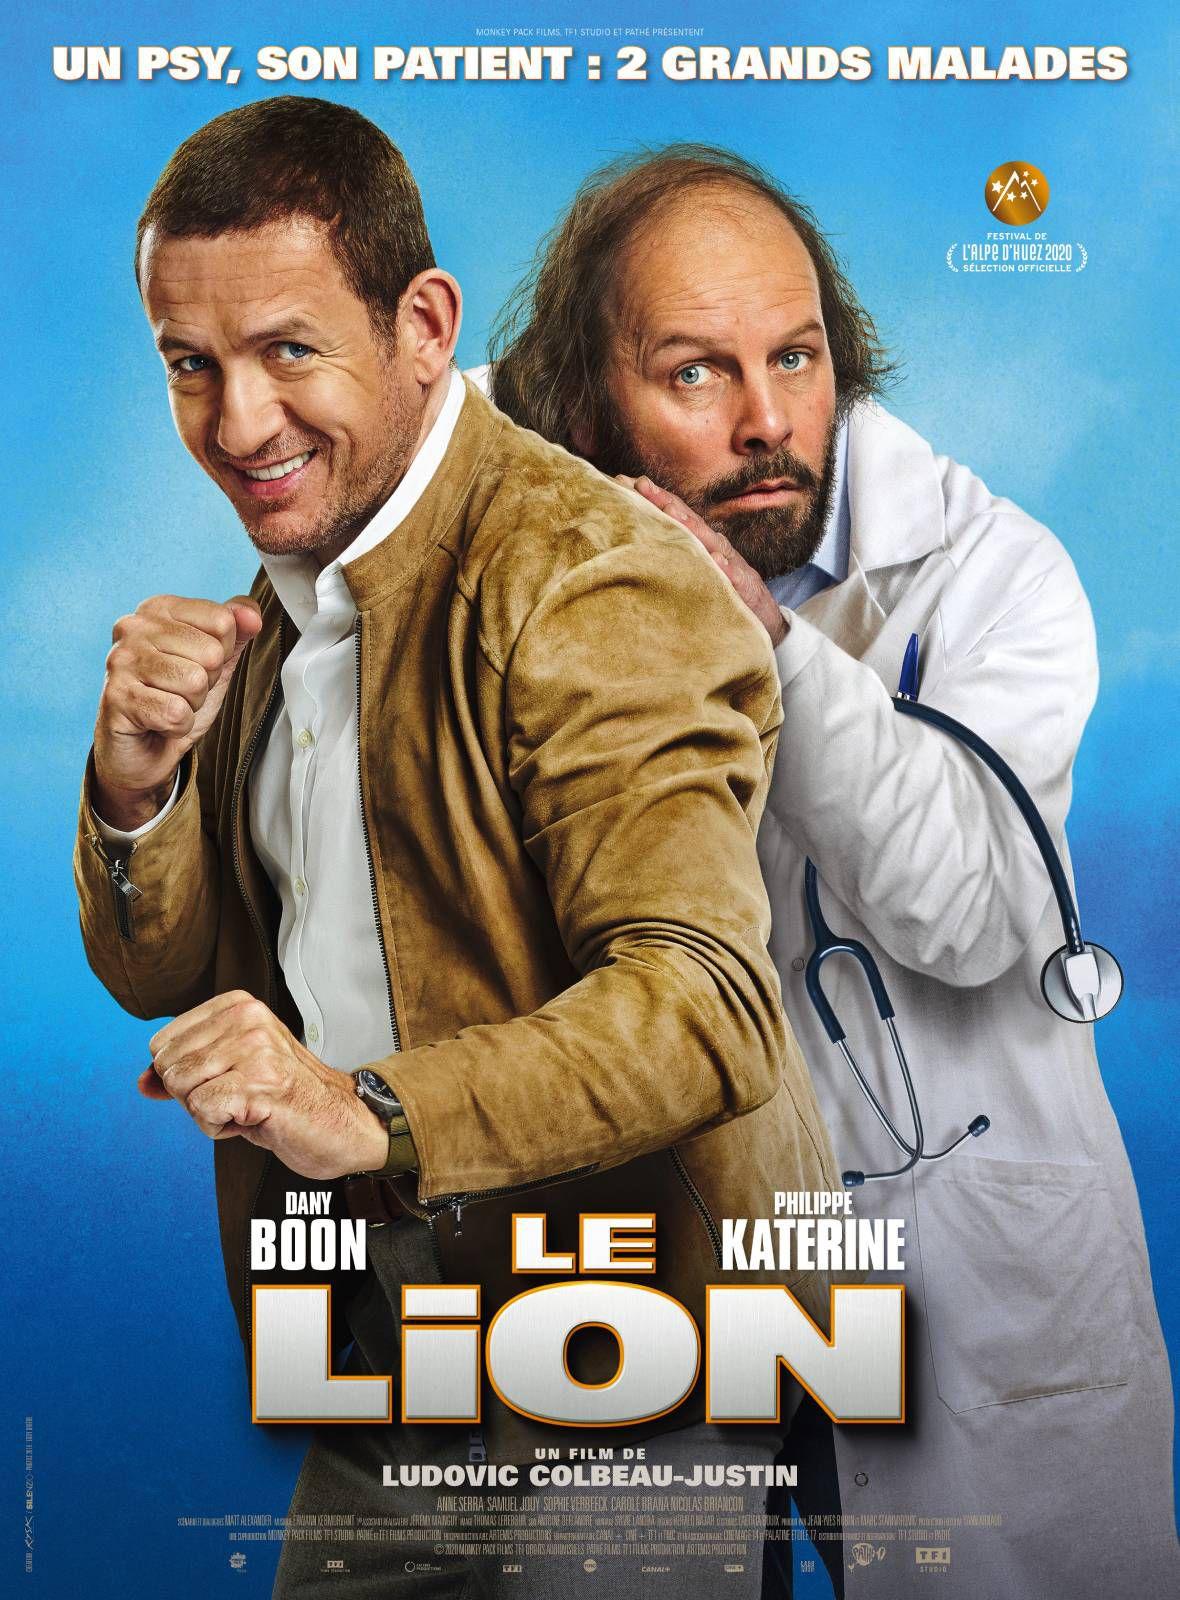 Le Lion - Film (2020)